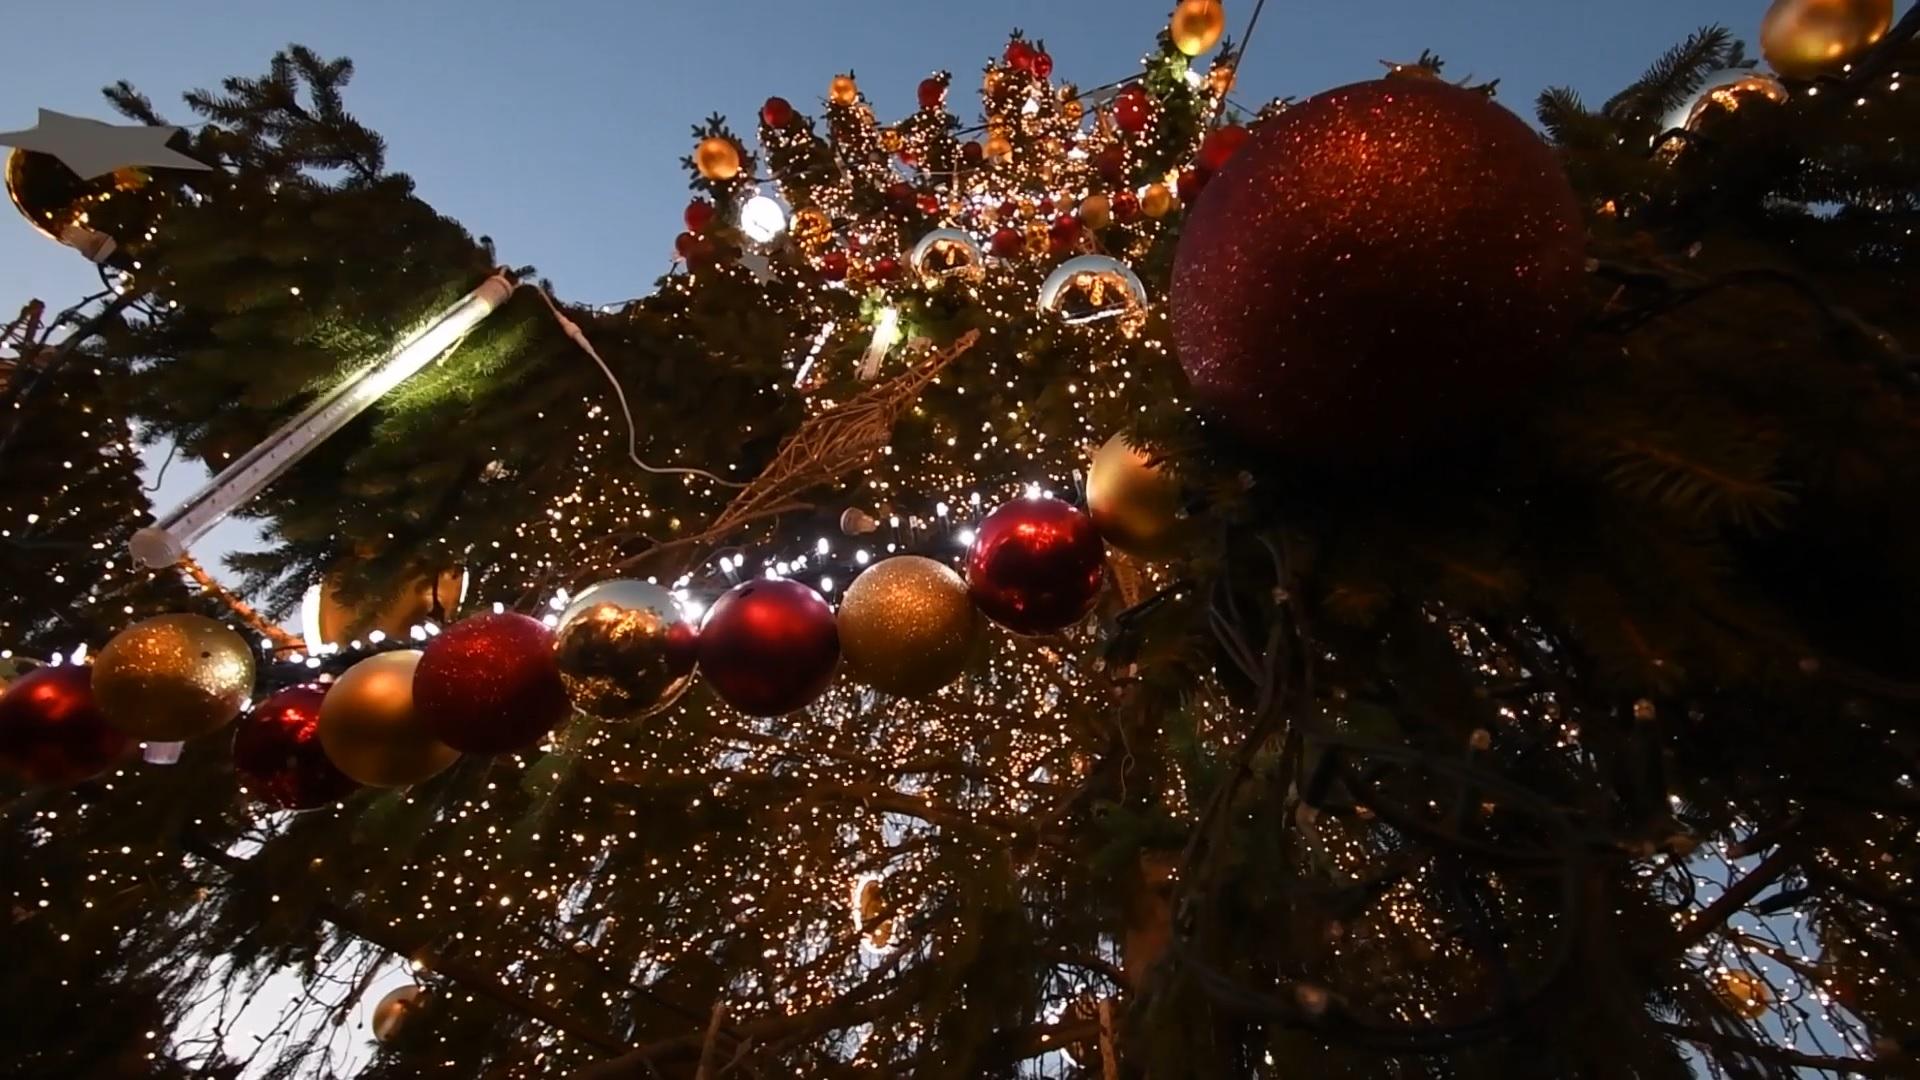 Vánoční trhy s Nikonem D3400 a objektivem 10-20mm